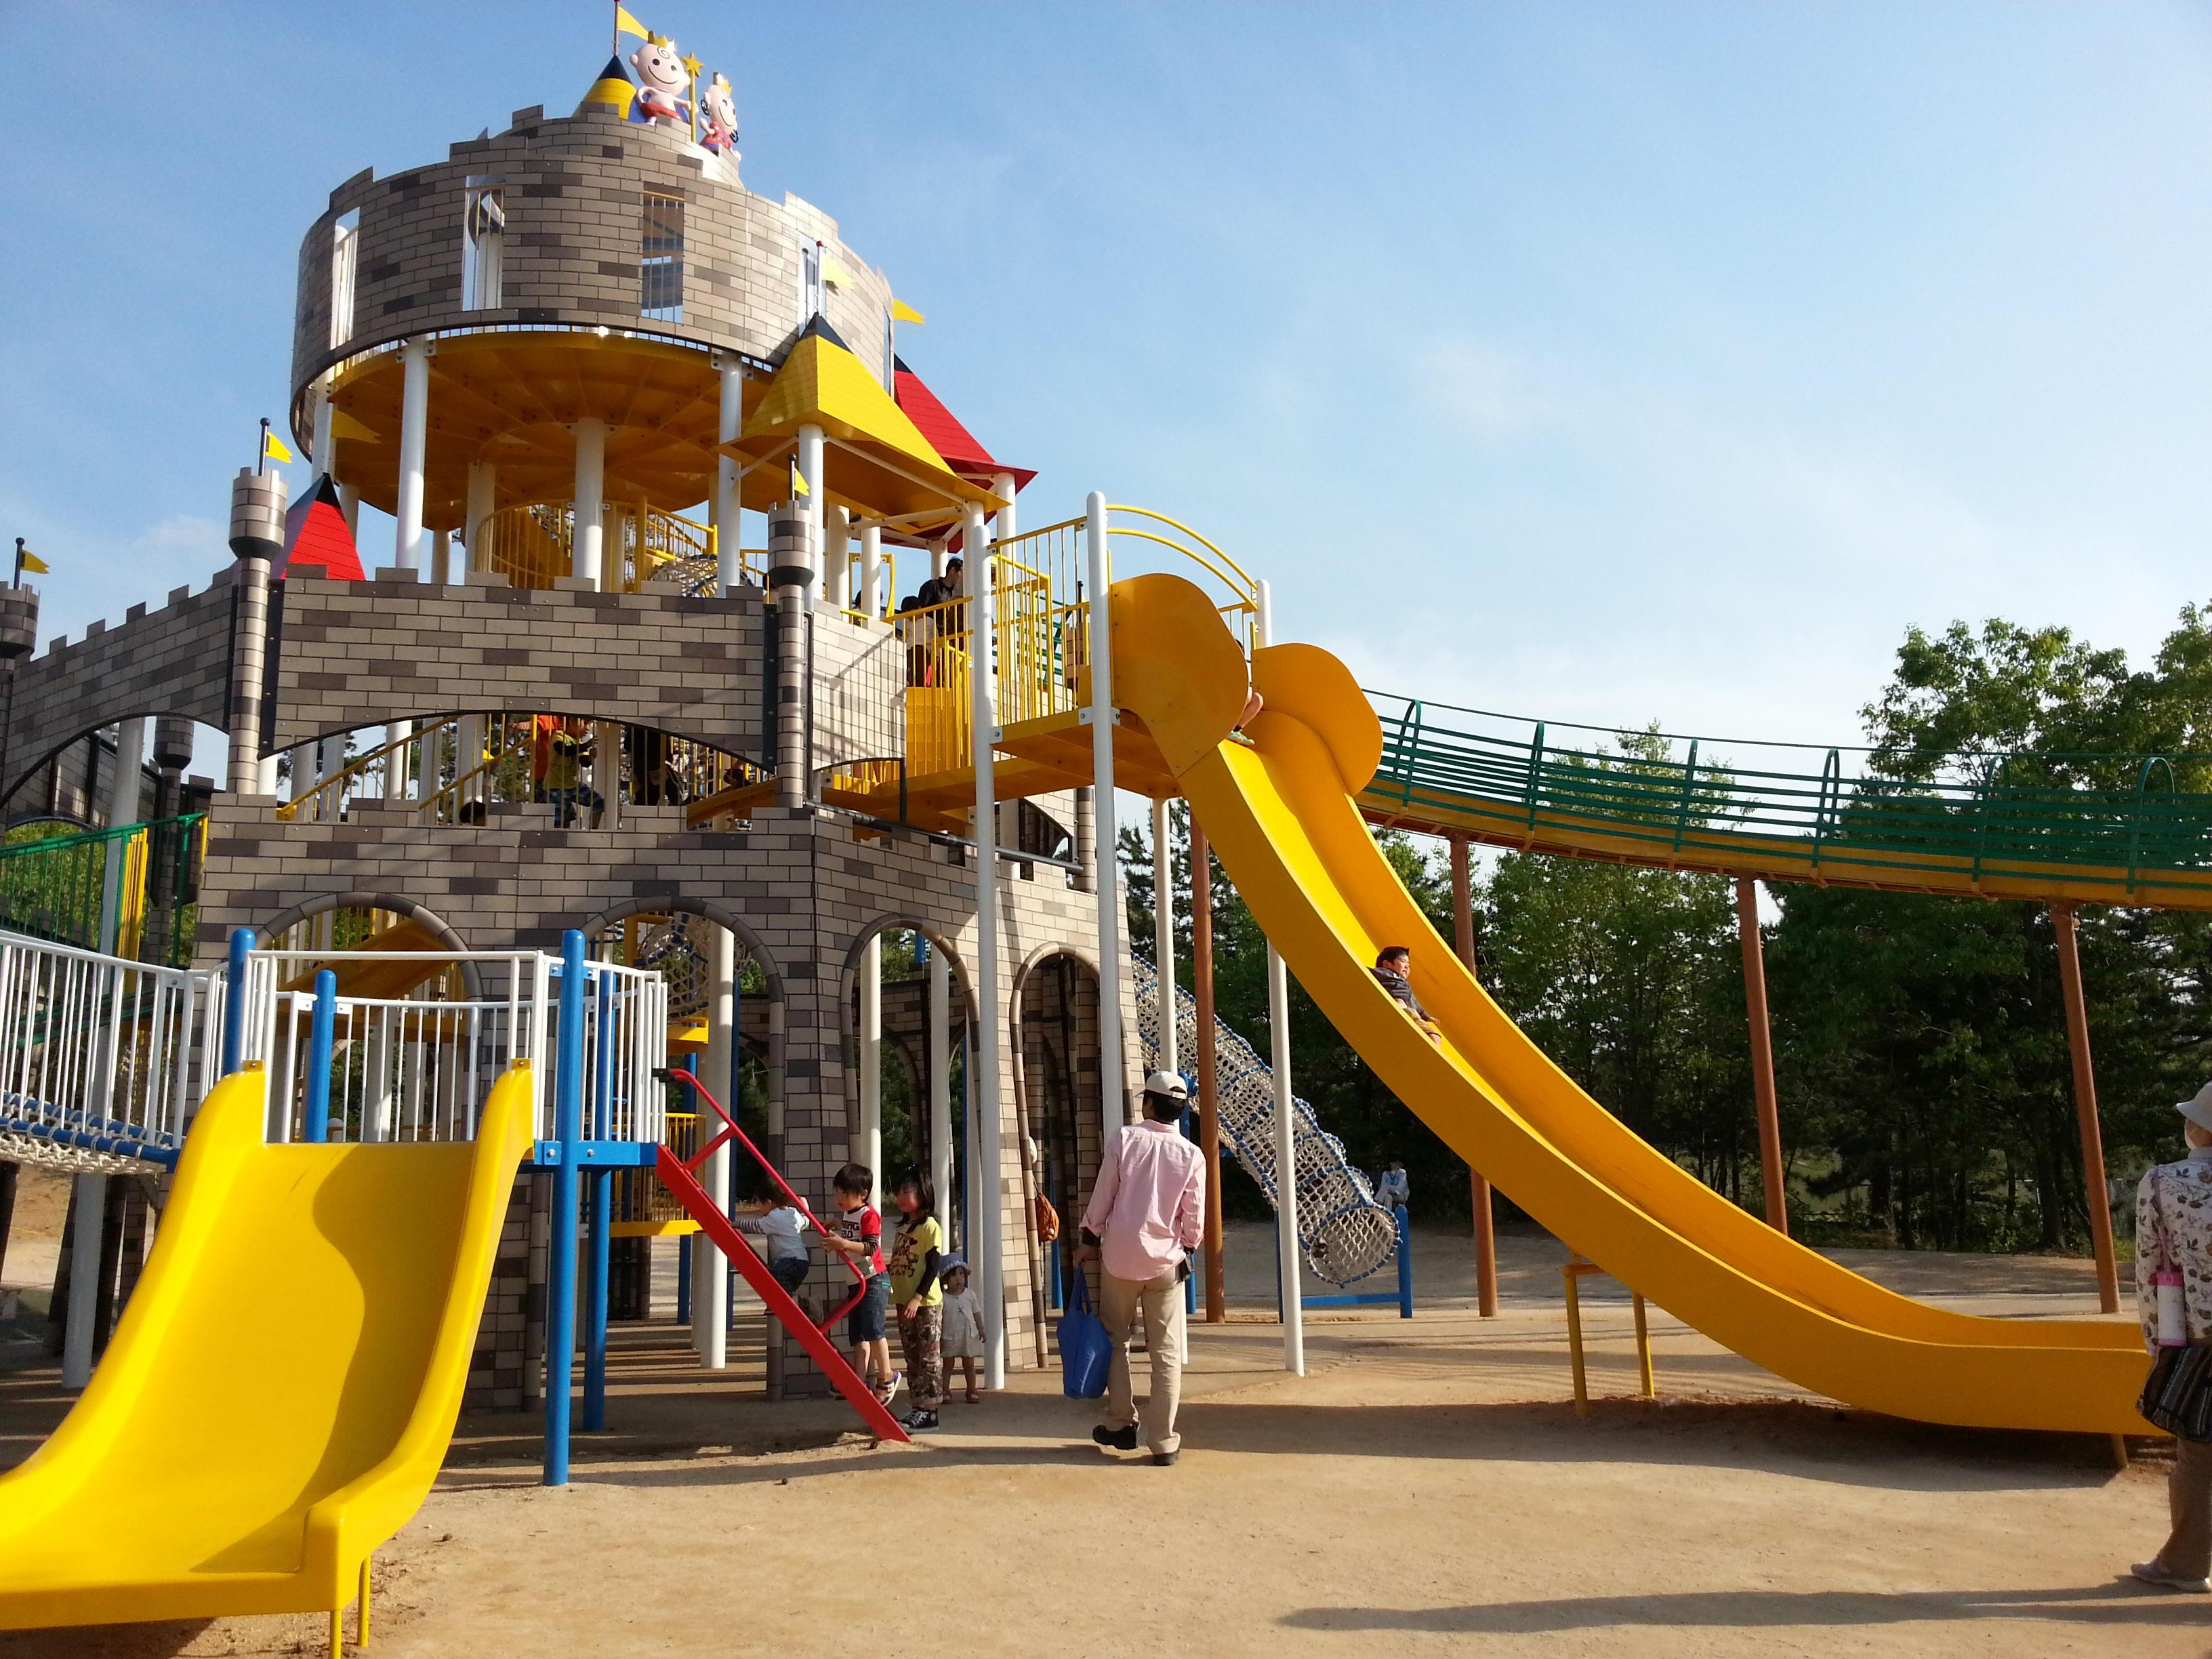 鳥取砂丘こどもの国は家族で楽しめる!キャンプやプールで盛り上がろう!